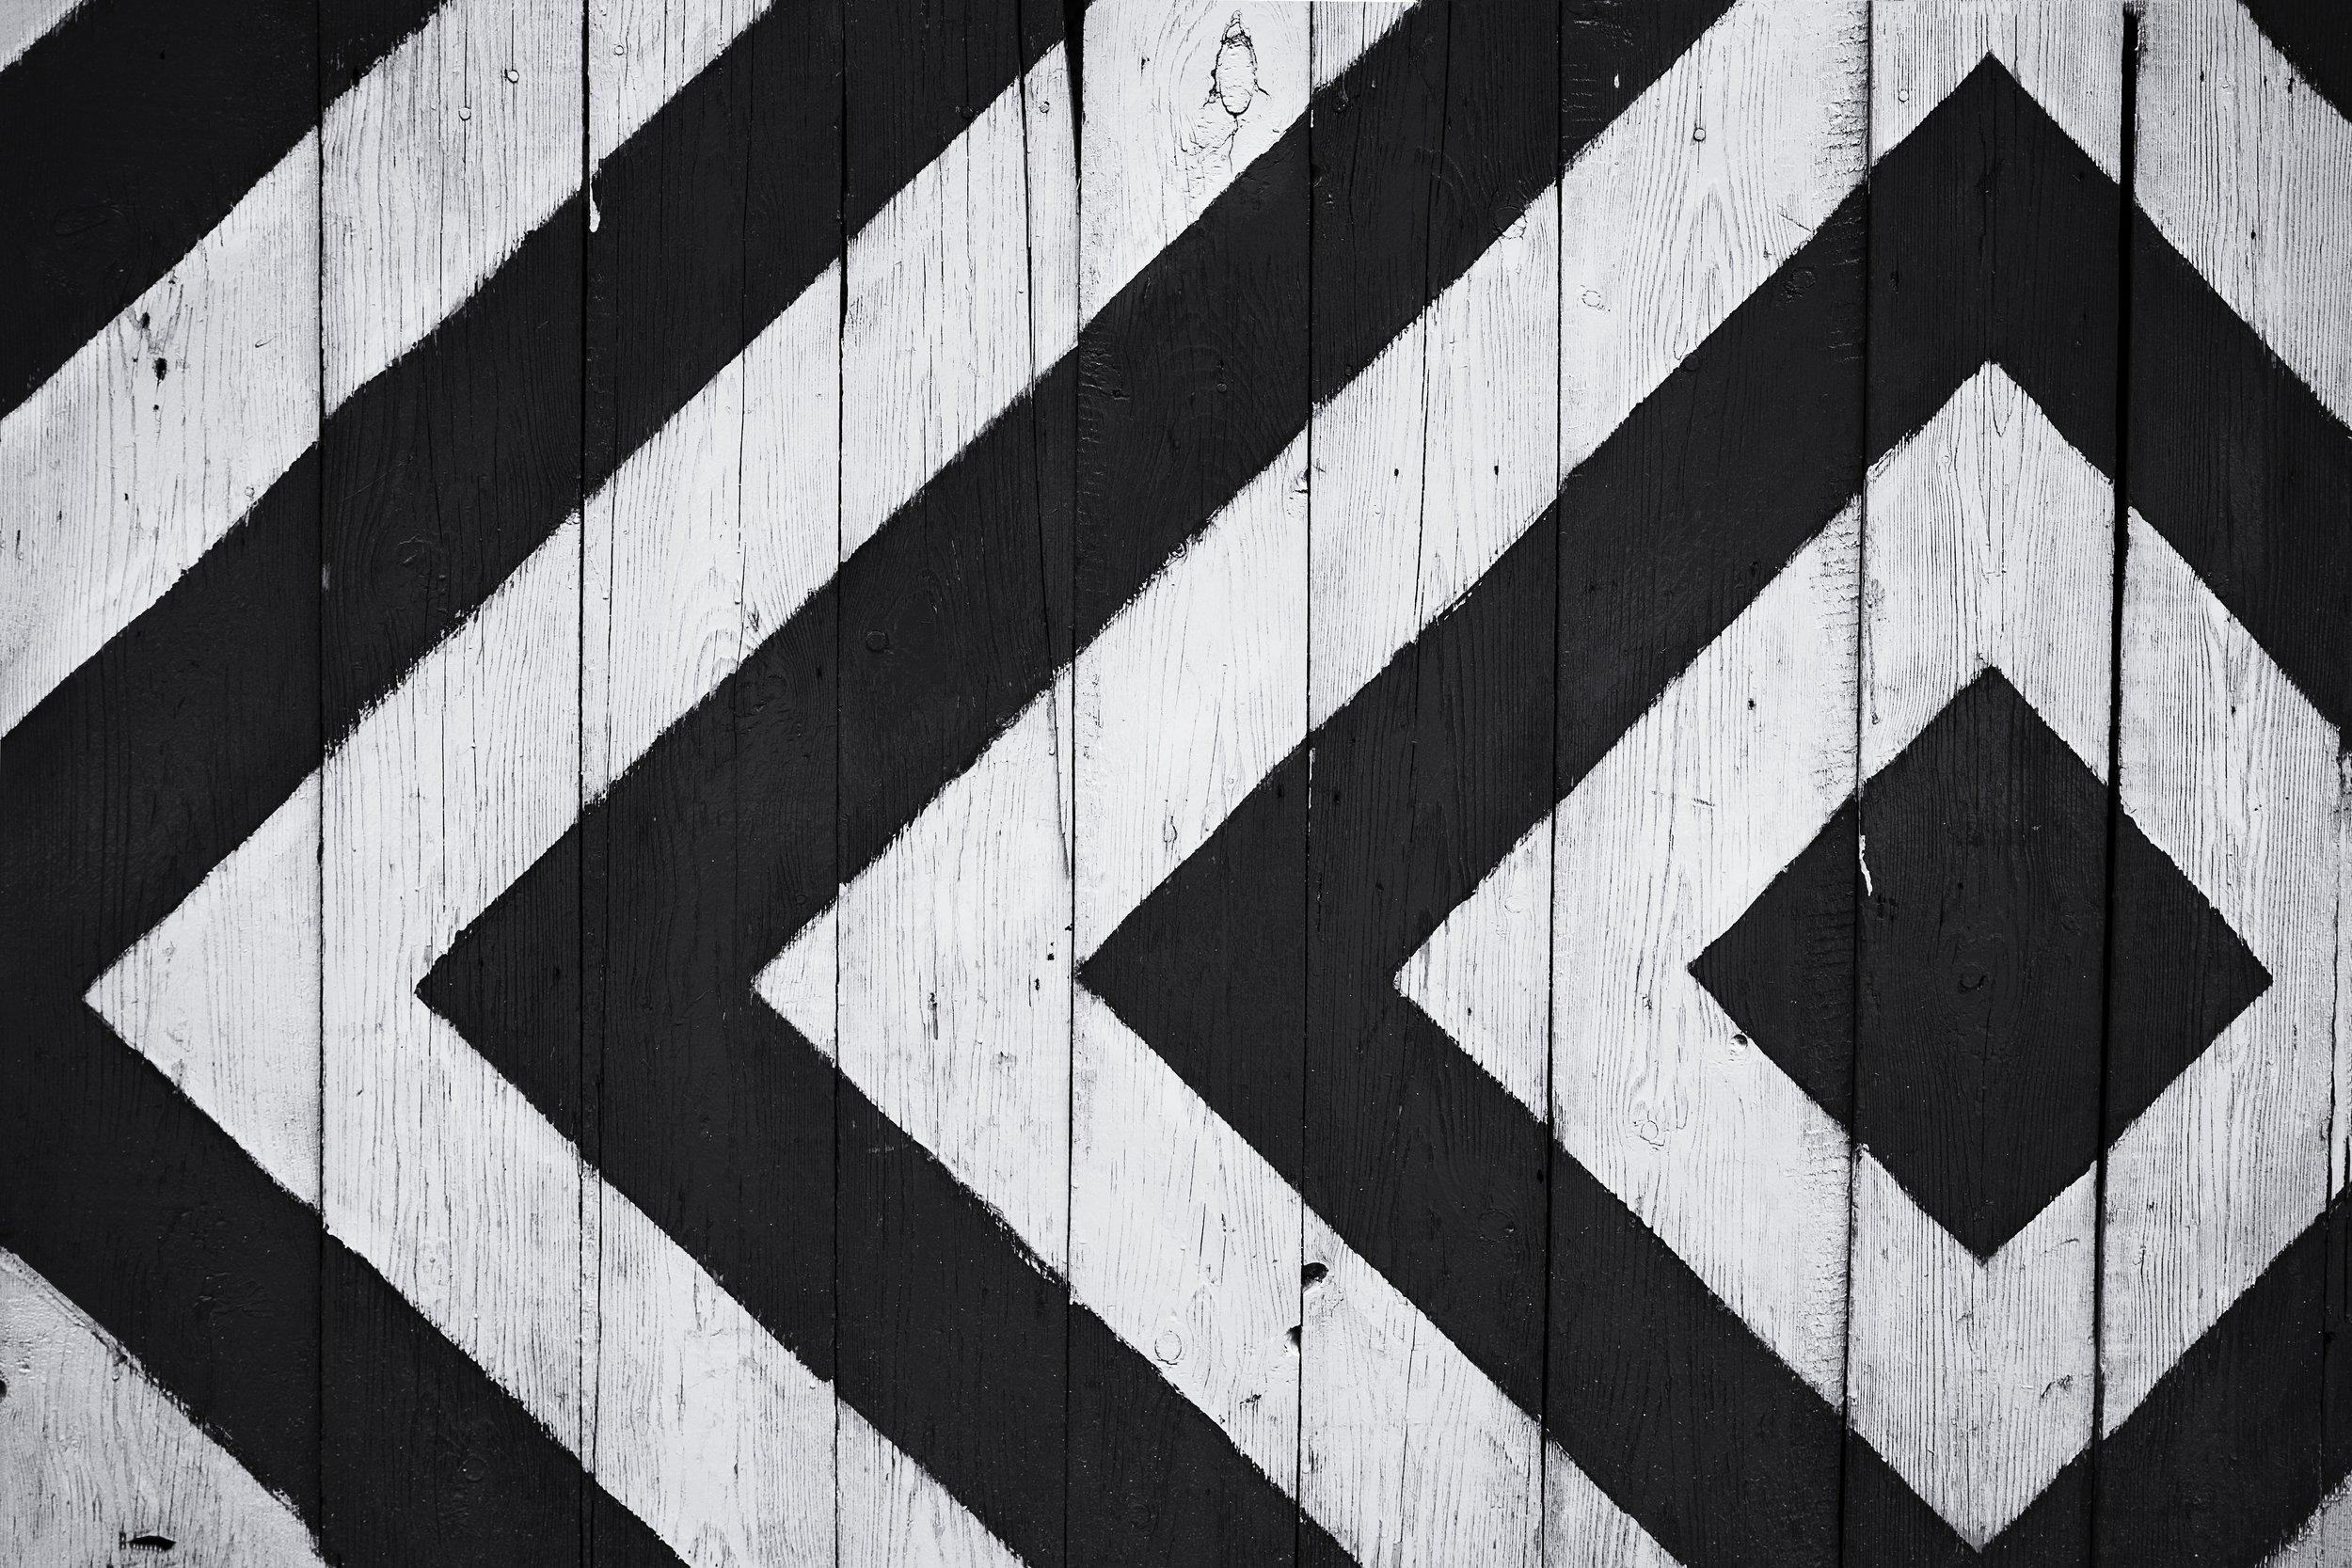 background-black-and-white-design-963278.jpg